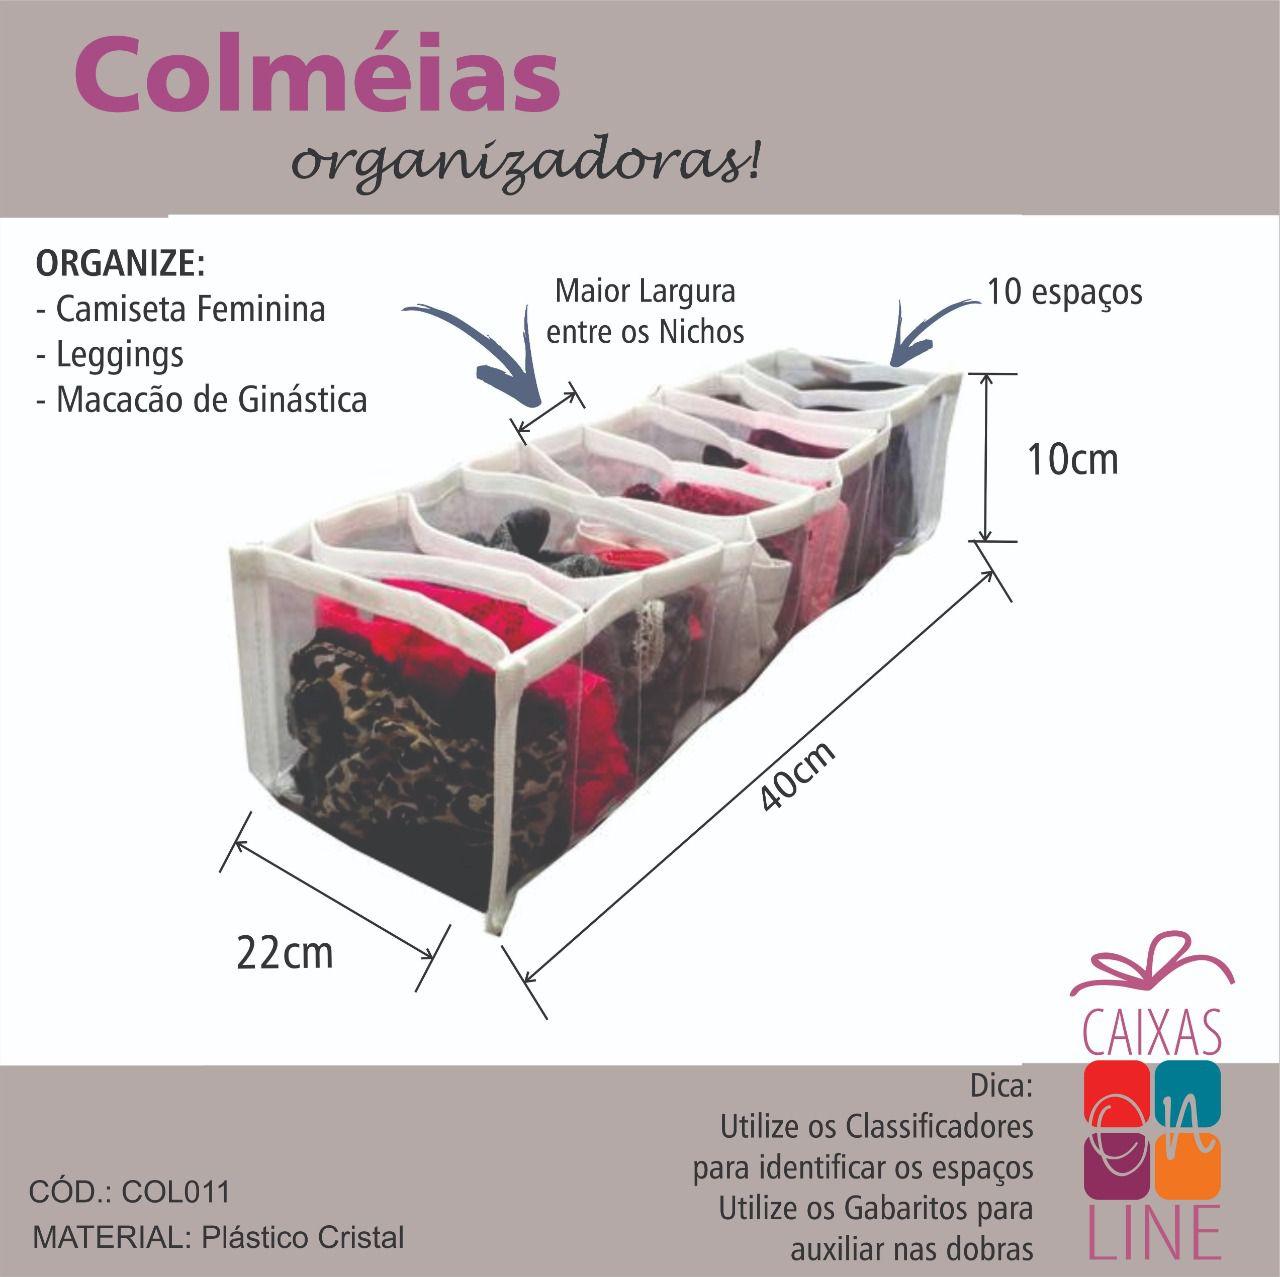 Colmeia Organizadora – Camiseta Feminina/ Legging/ Macacão Ginástica